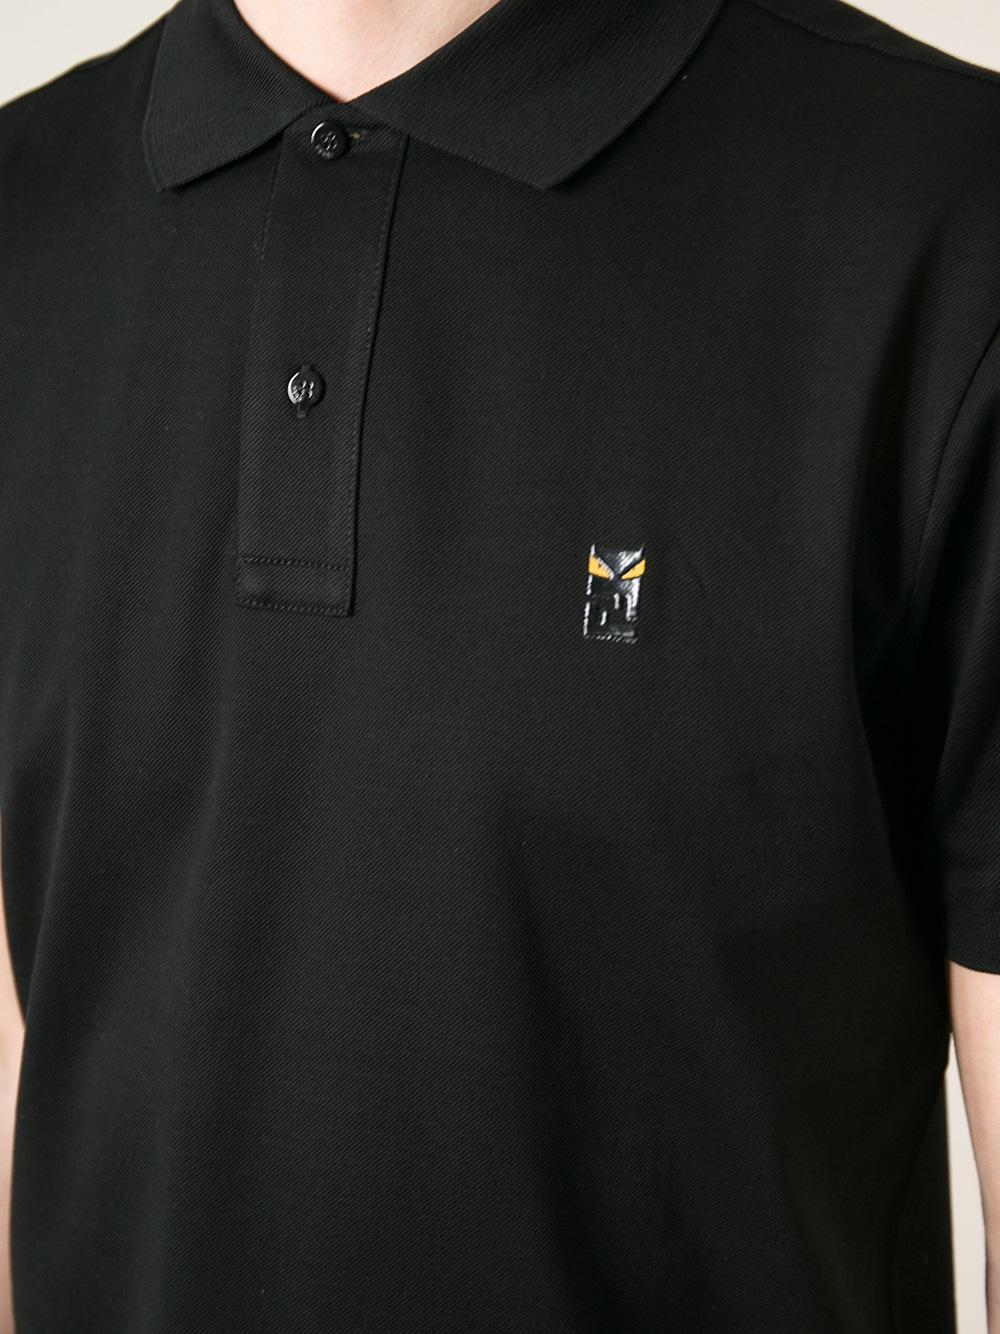 64cd6aaa513 Lyst - Fendi Short Sleeve Polo Shirt in Black for Men